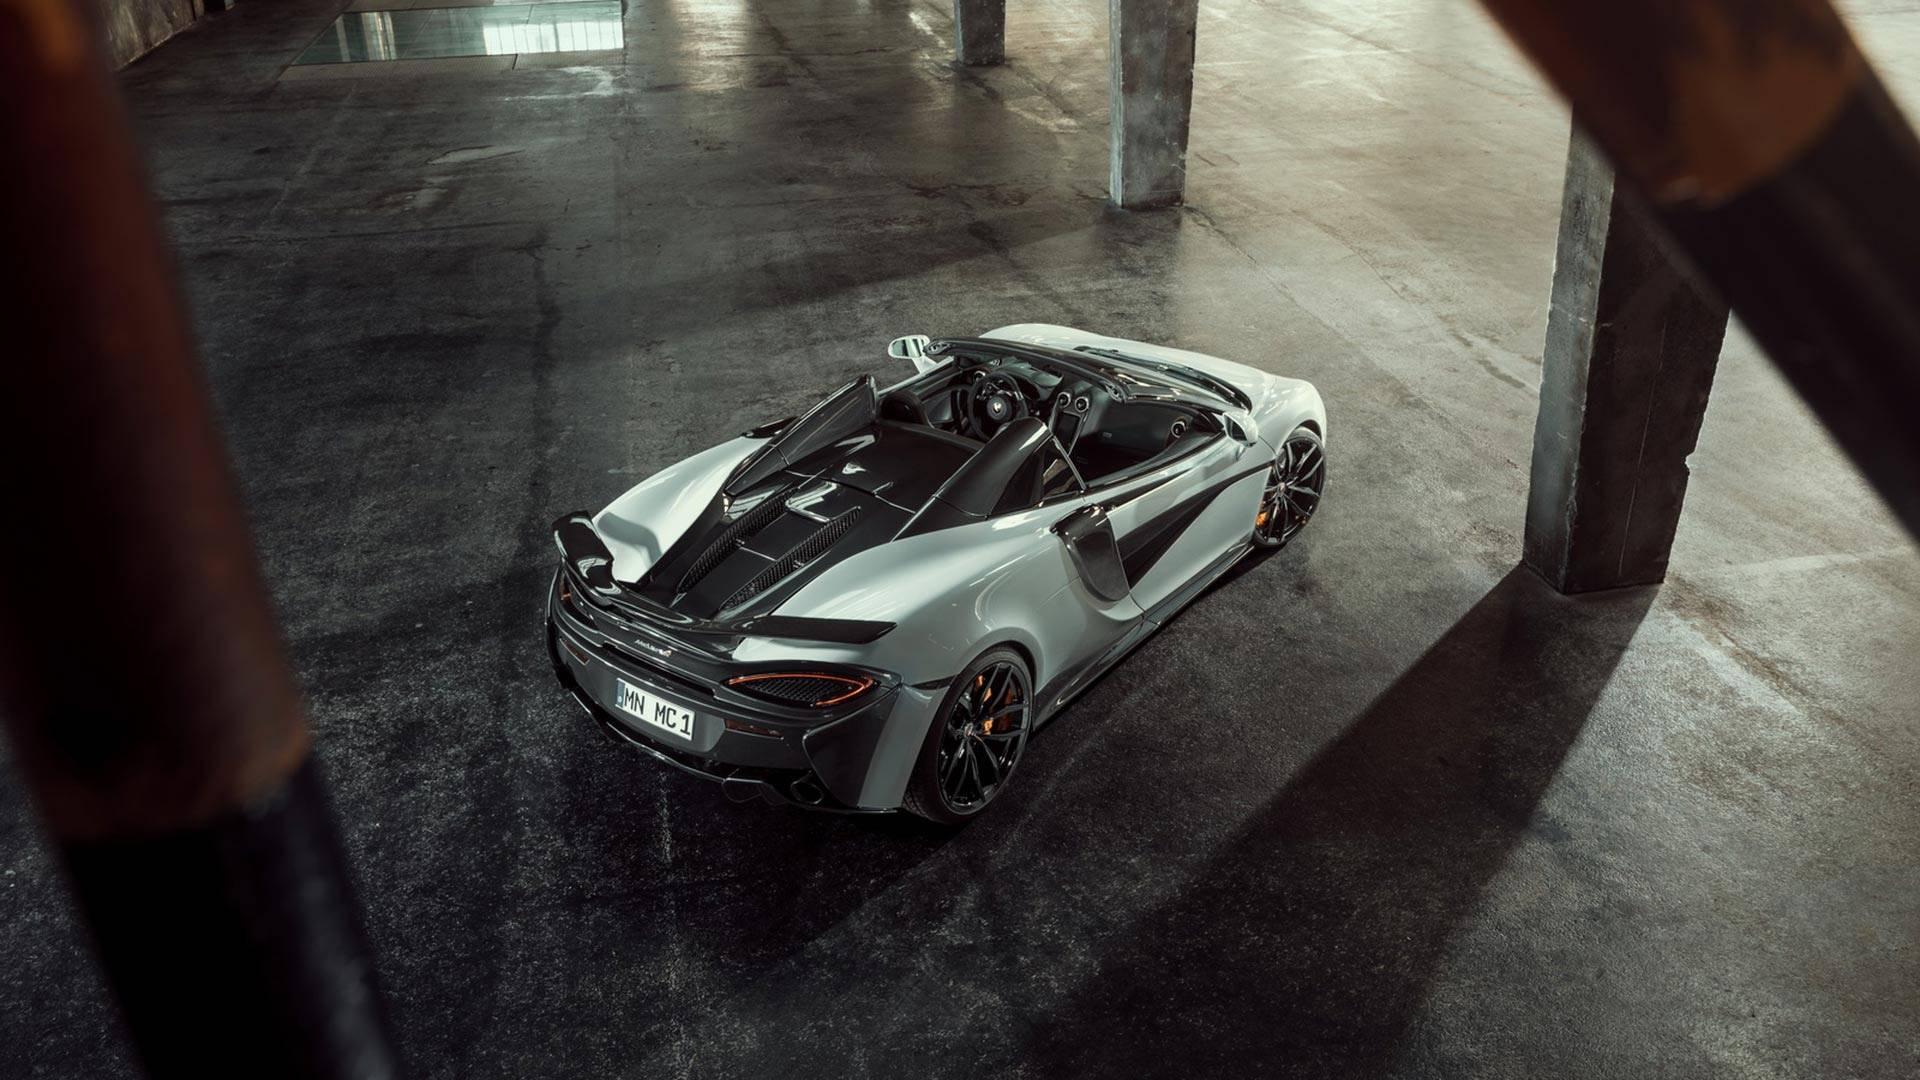 2018 NOVITEC McLaren 570S Spider Top Wallpapers (11)